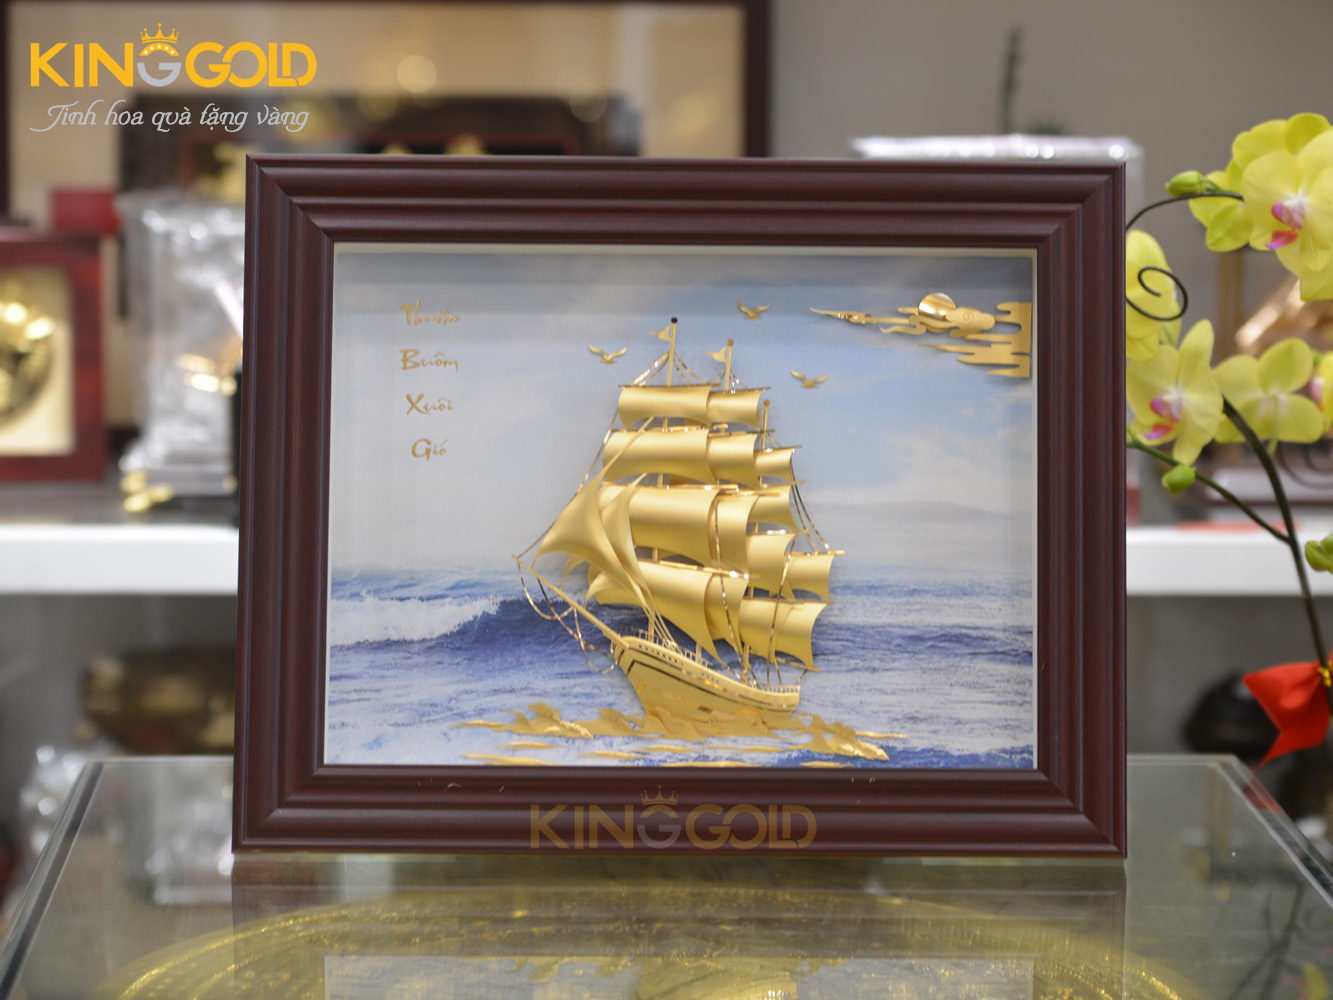 Tranh vàng thuận buồm xuôi gió thay cho lời chúc thuận lợi bình an